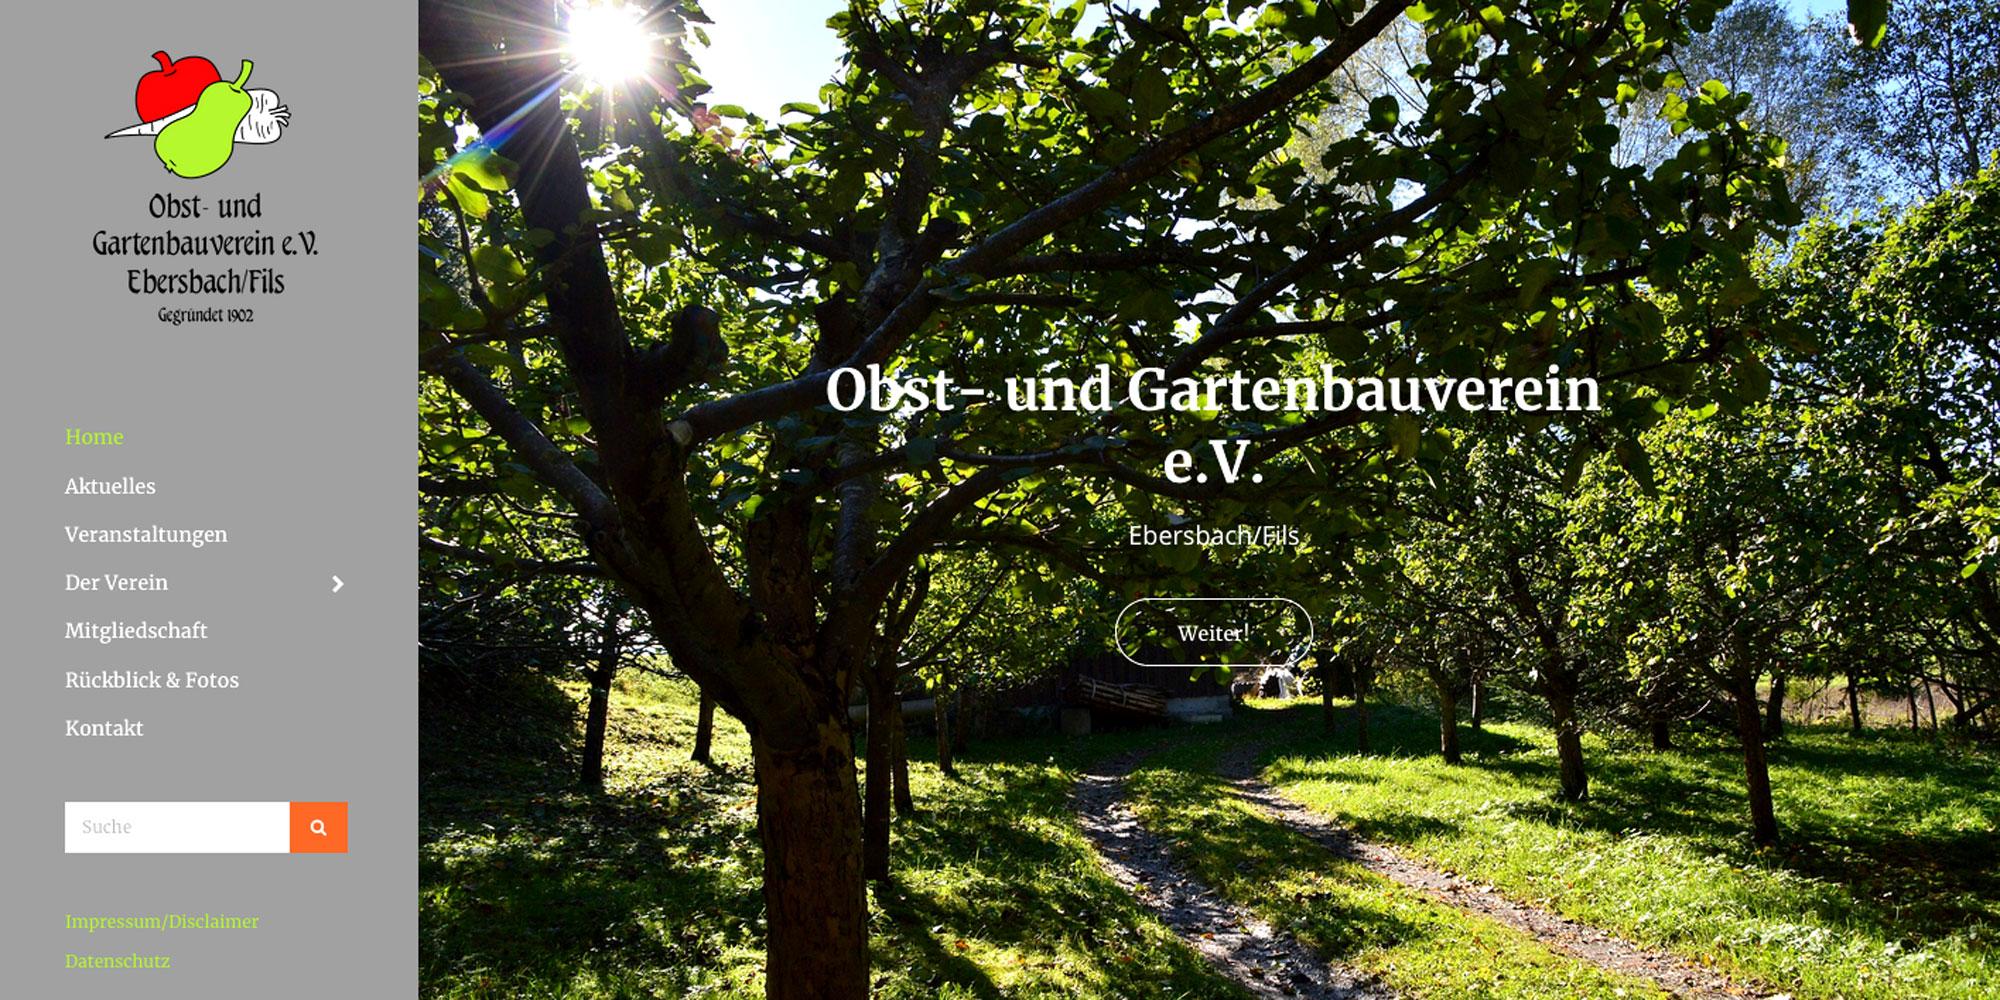 Obst- und Gartenbauverein Ebersbach